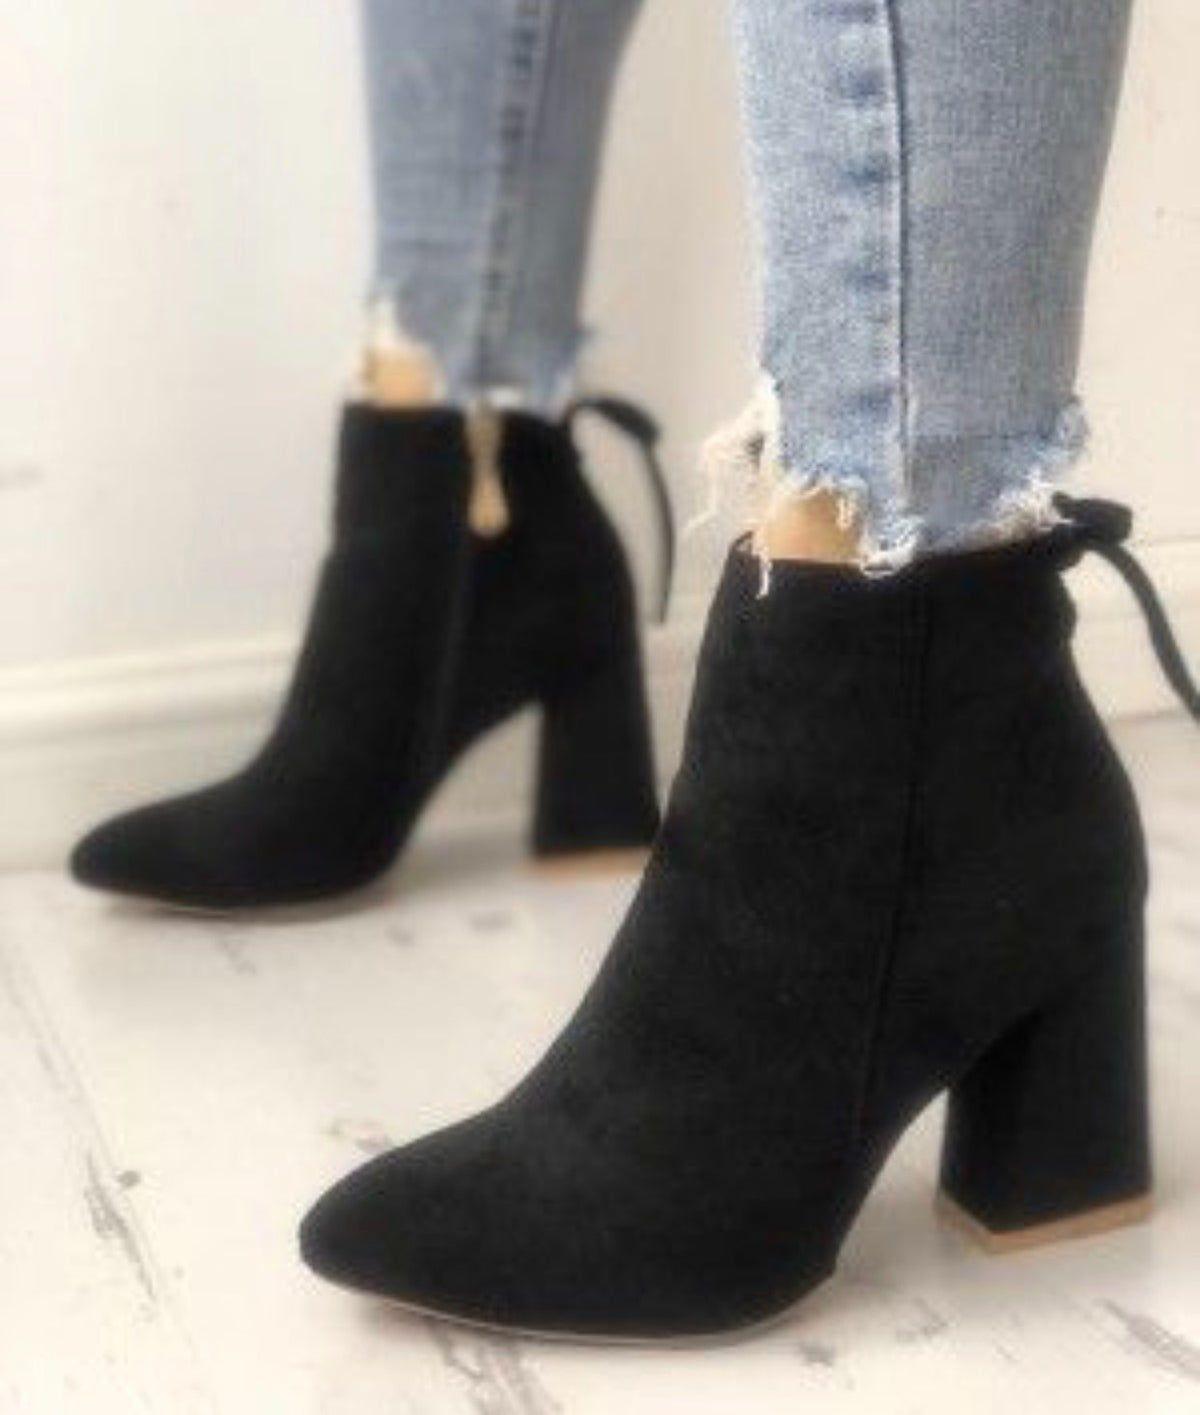 Peep toe heel boots